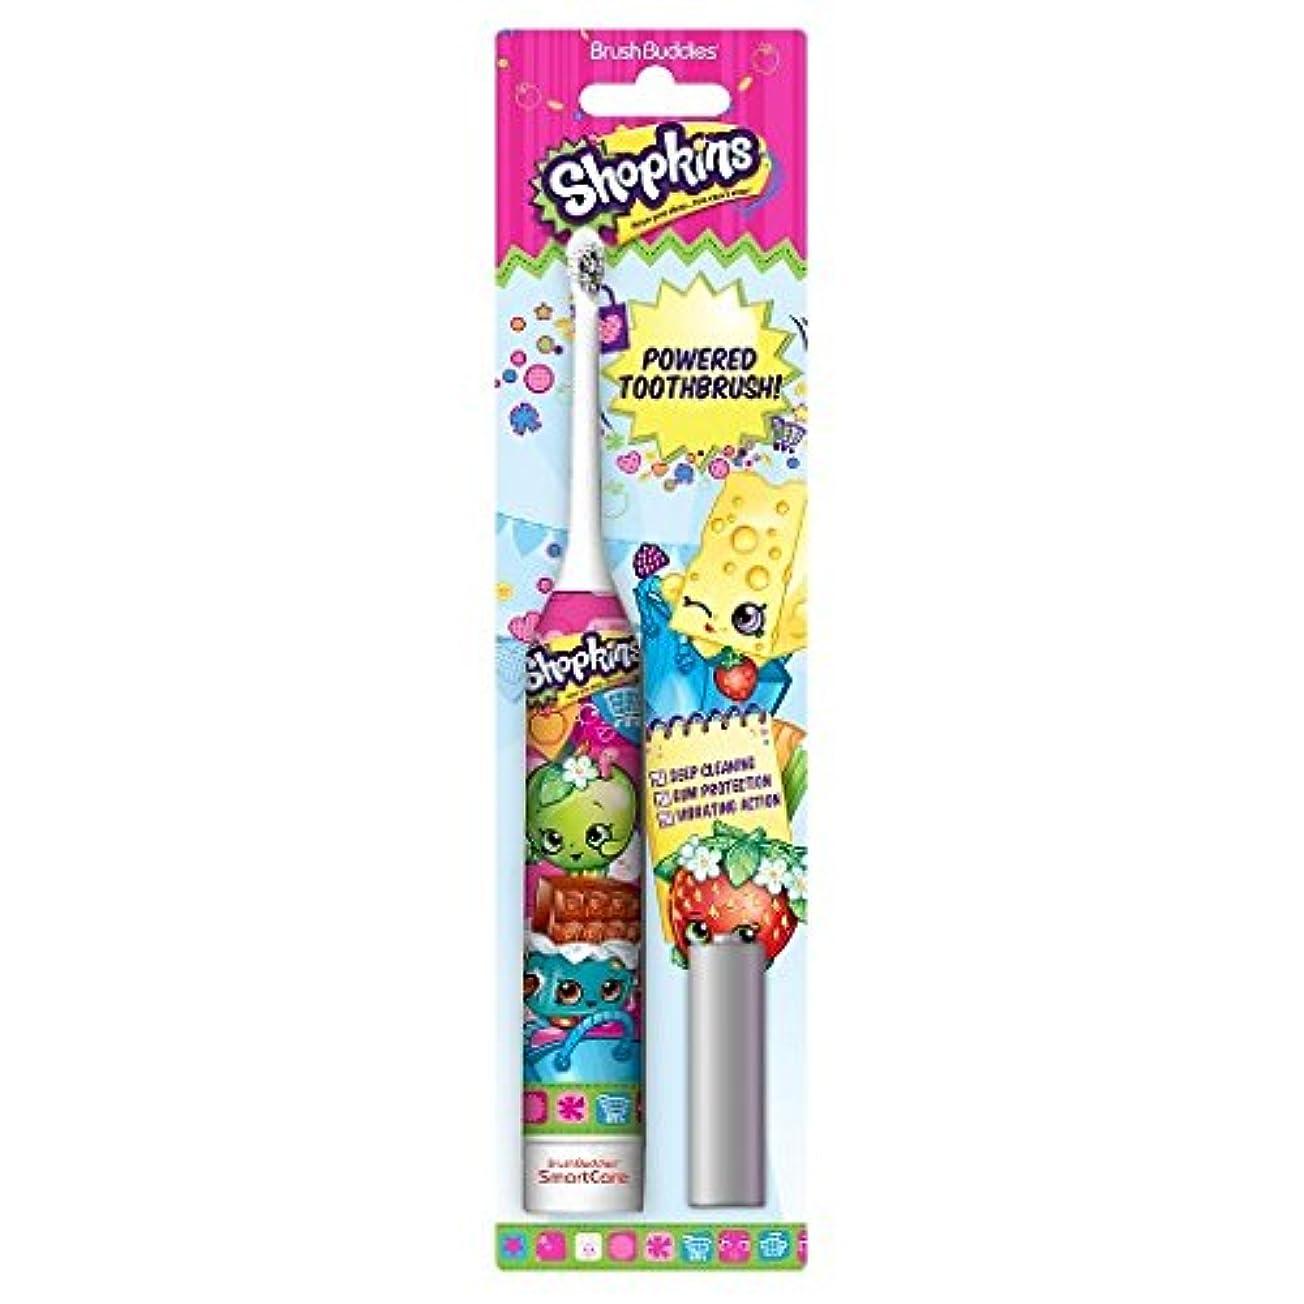 曇った権限安息Brush Buddies Shopkins Sonic Powered Toothbrush ソニックパワード電動歯ブラシ [並行輸入品]